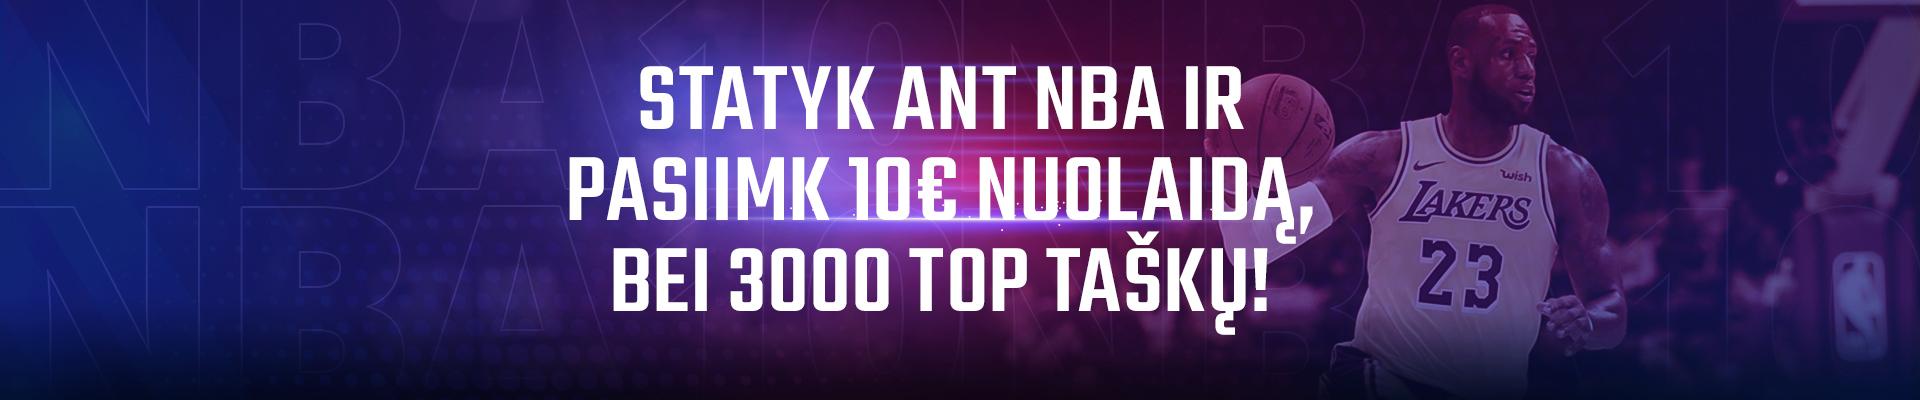 Statyk ant NBA ir pasiimk papildomą 10€ statymą